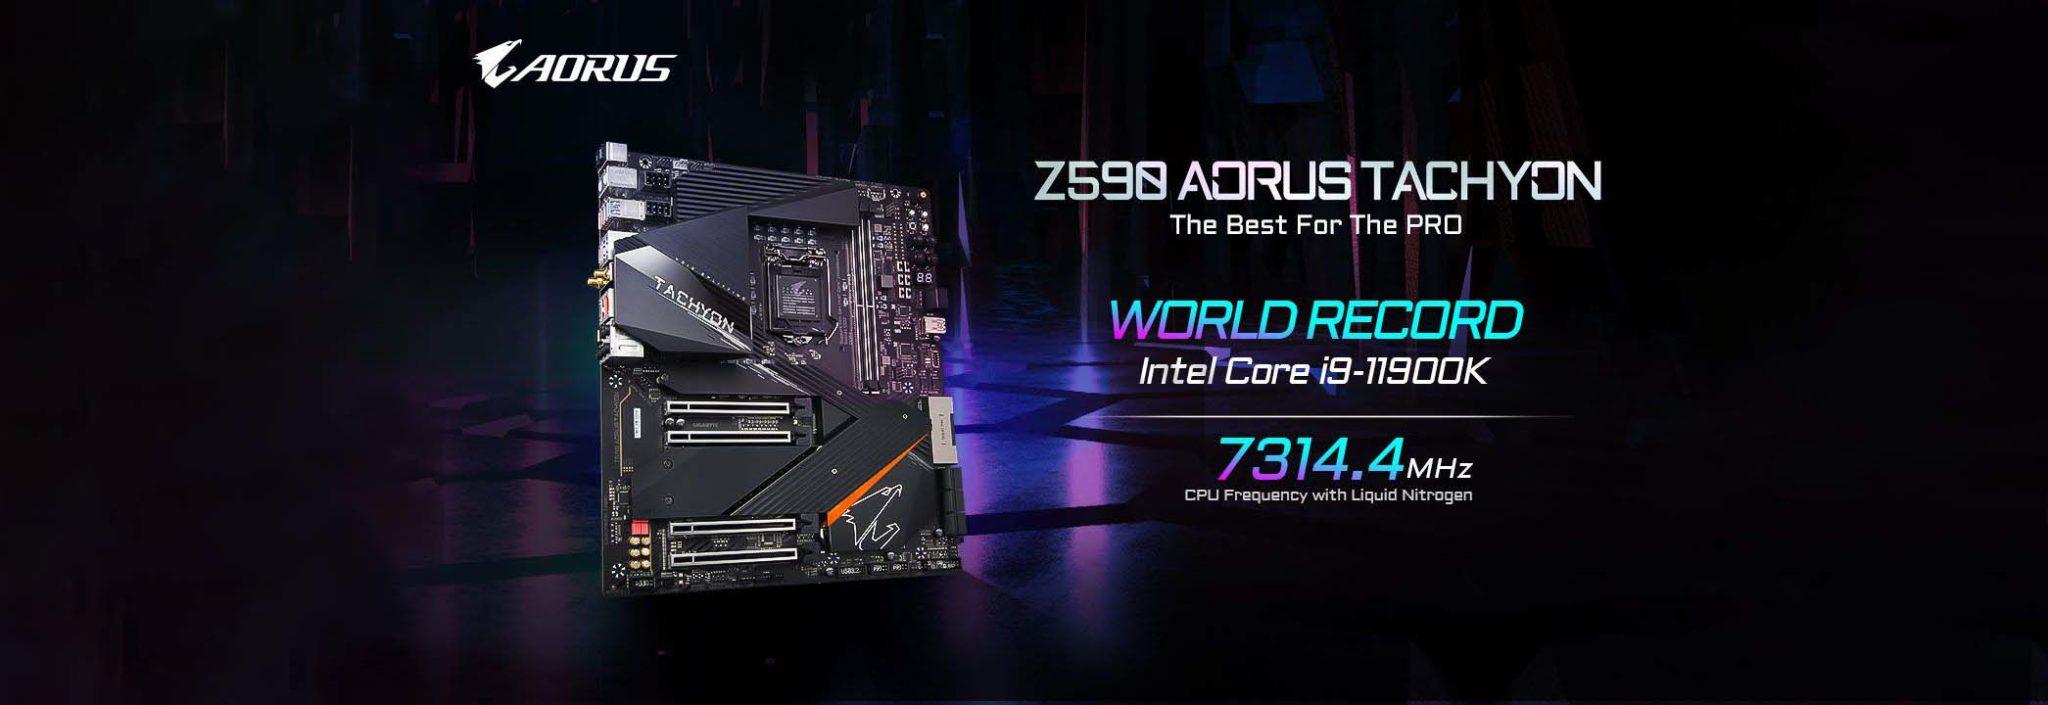 Intel Core i9-11900K Dioverclock Hingga Lebih Dari 7,3 GHz Pada Gigabyte Z590 AORUS TACHYON